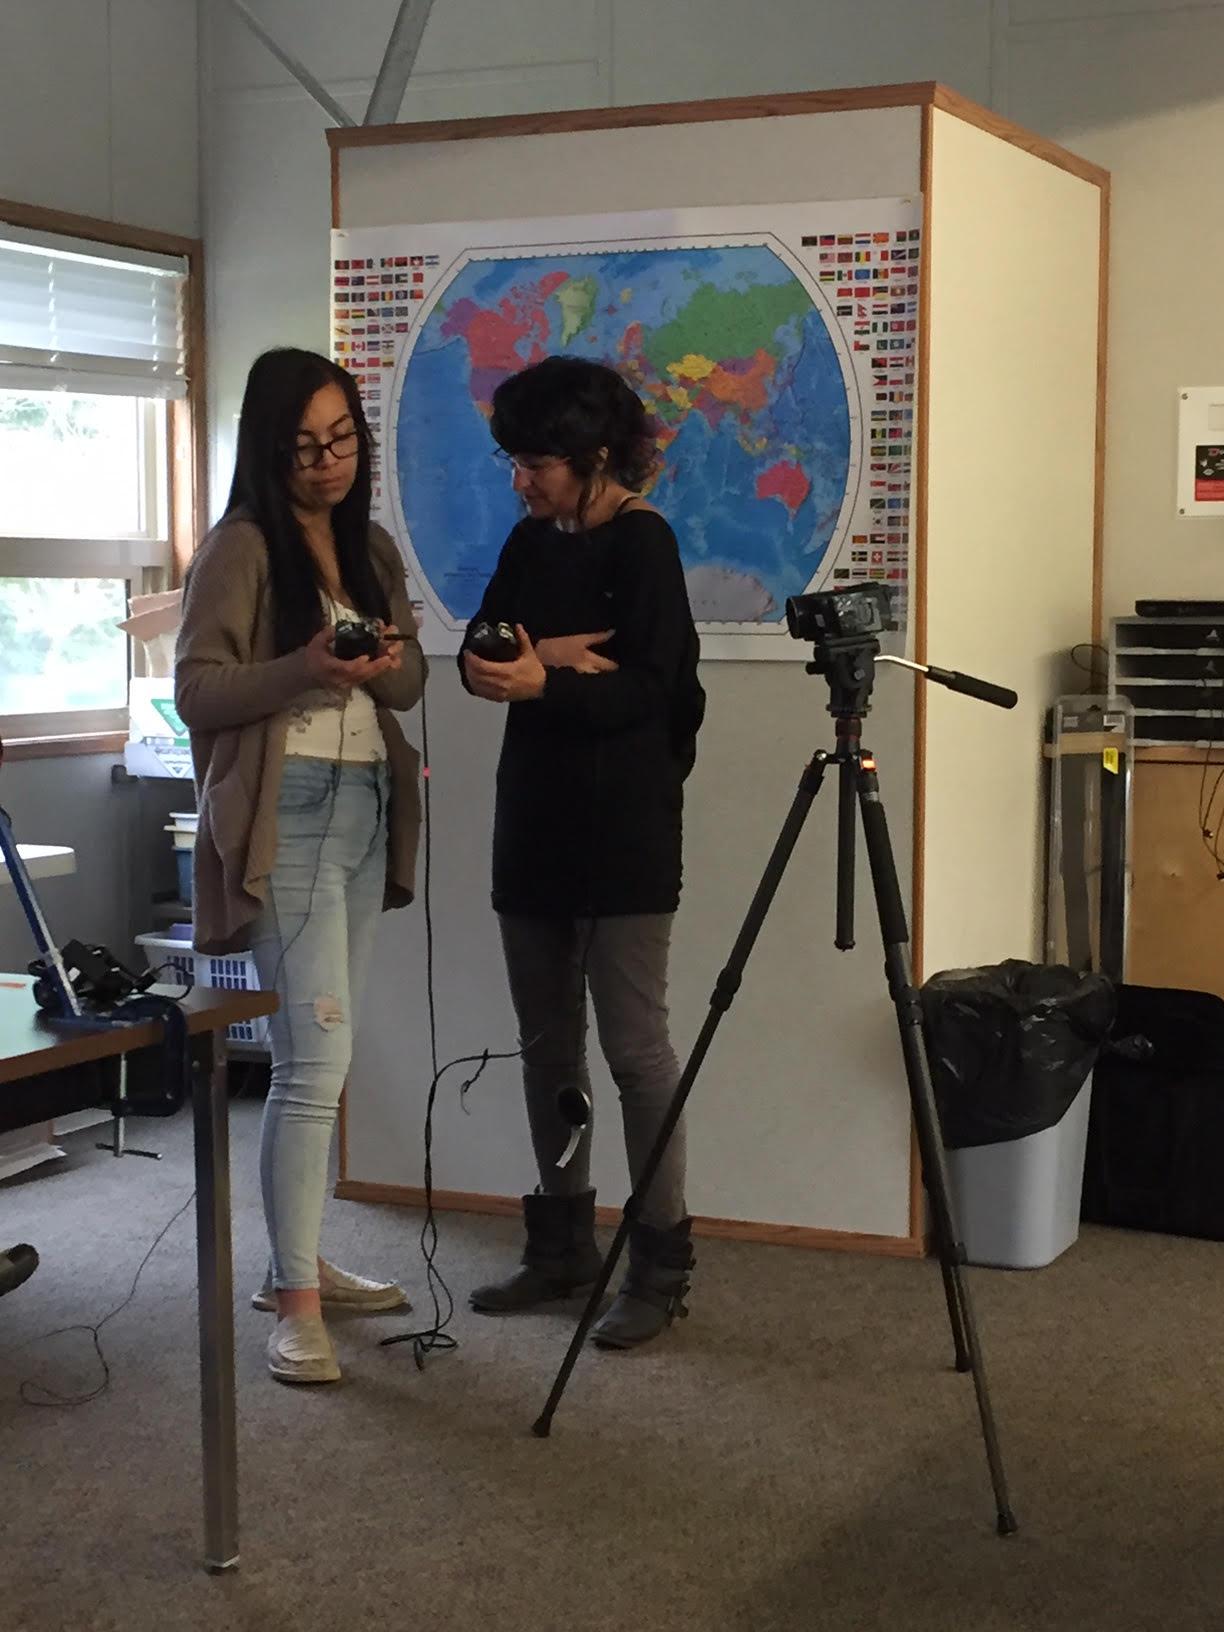 Sebnem shows Miranda camera and sound equipment